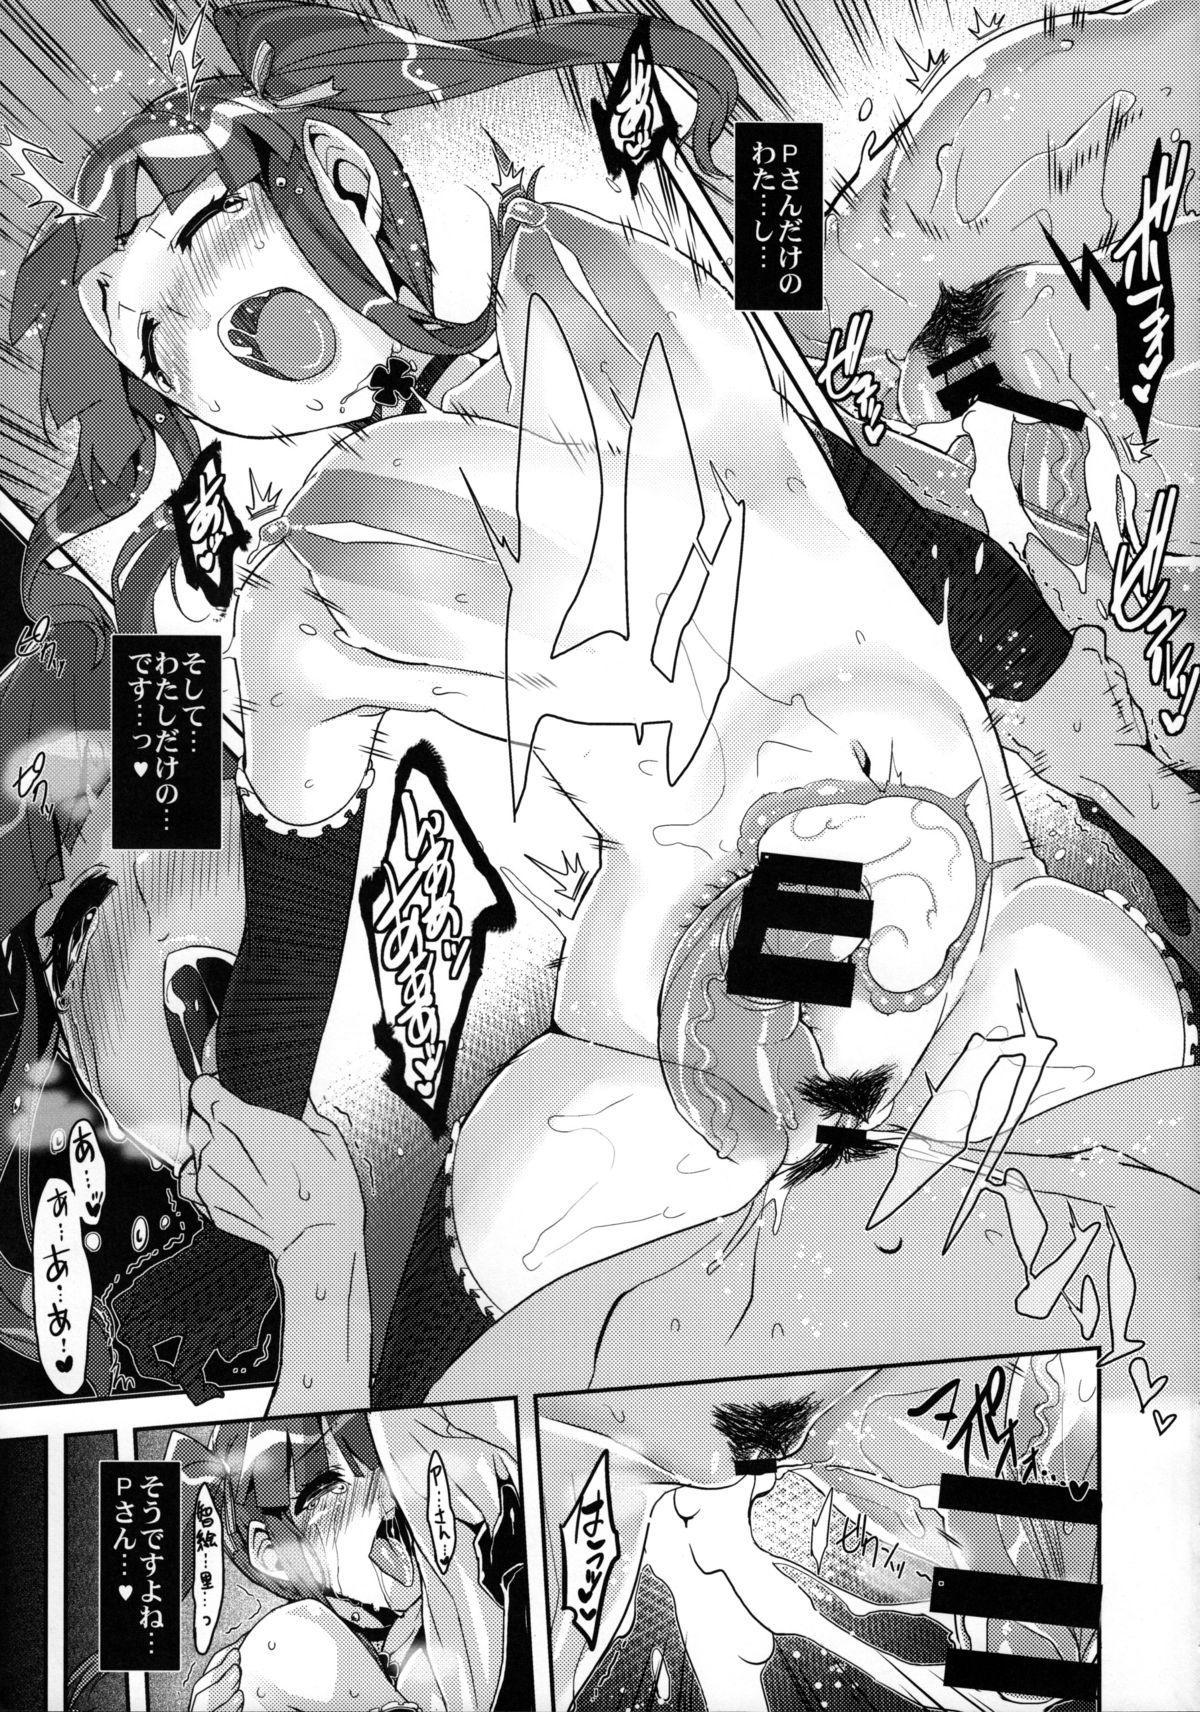 Kyousei:P Chieri Iro Kyokudai Up 23